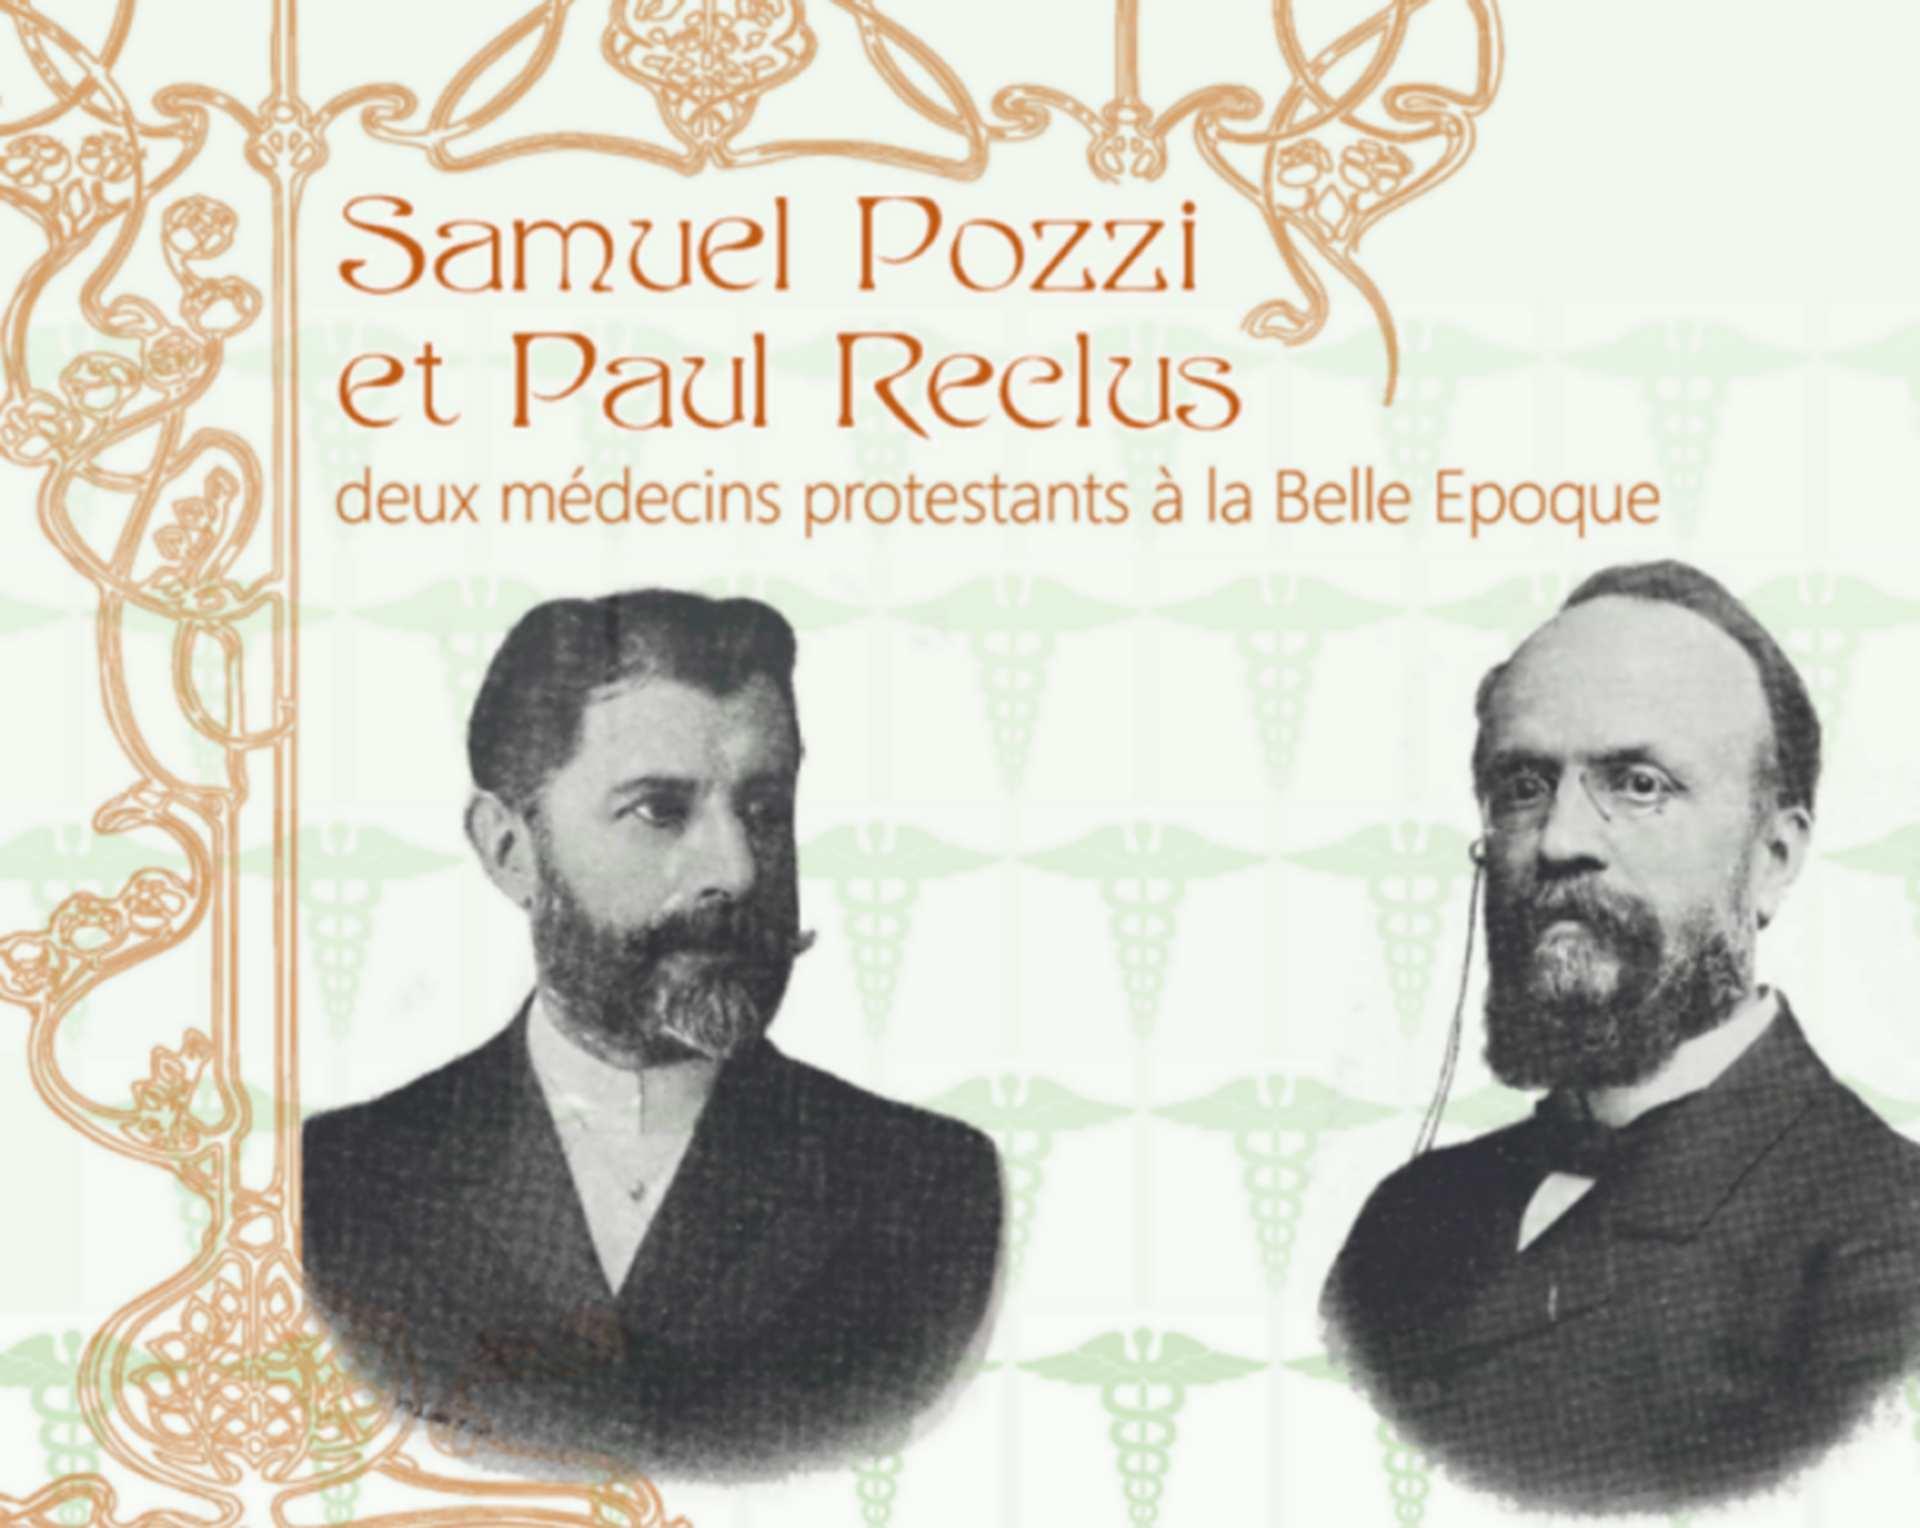 Vernissage Exposition : Samuel Pozzi et Paul Reclus, deux médecins protestants - ORTHEZ